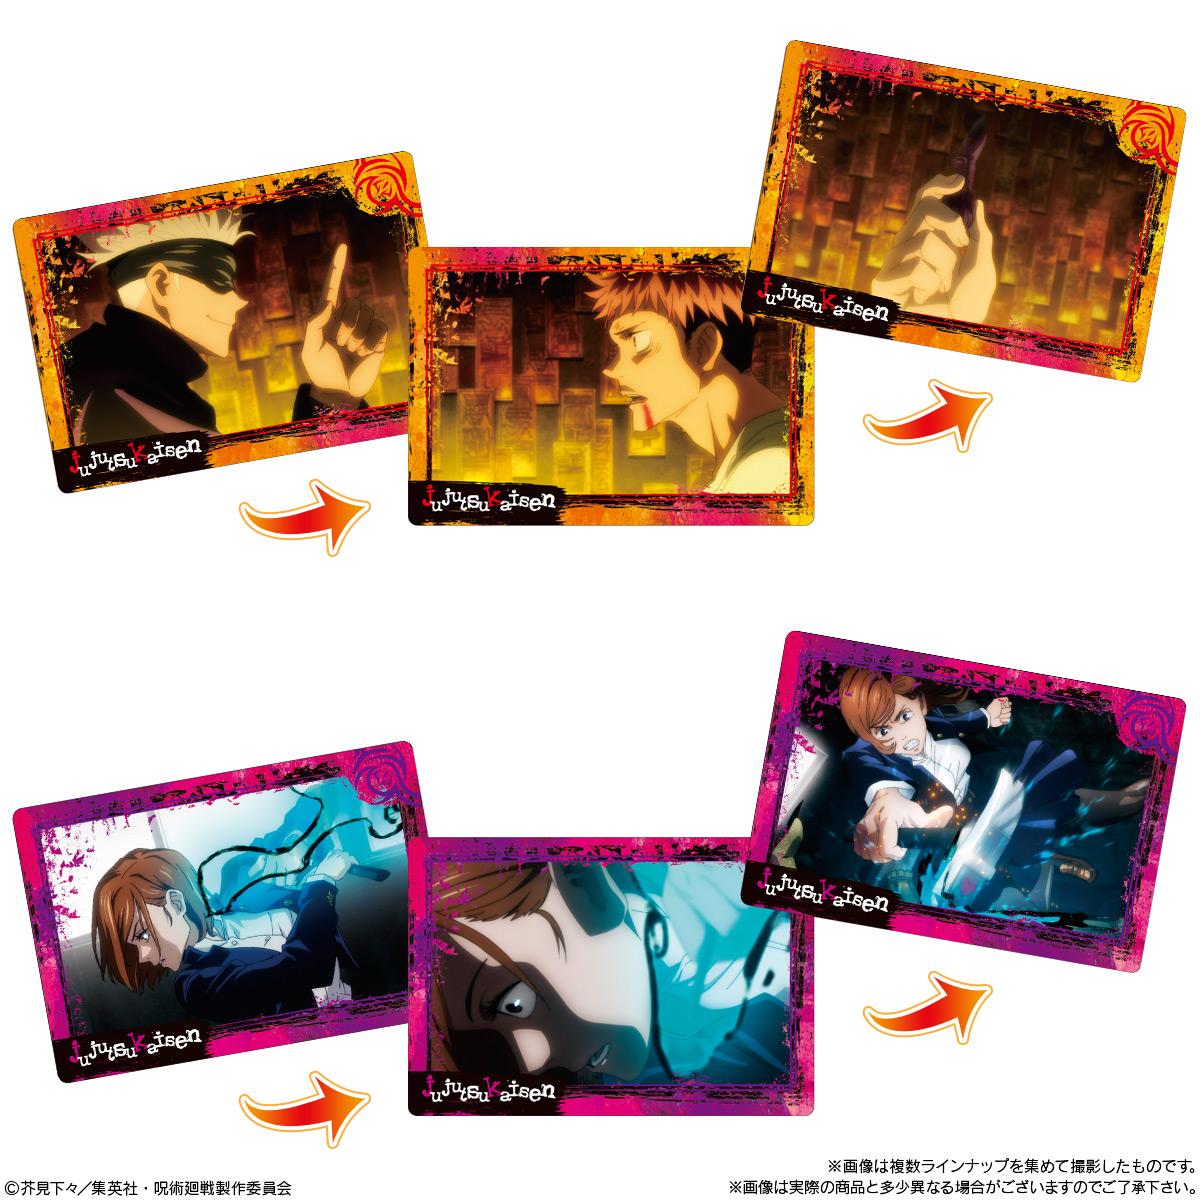 【食玩】呪術廻戦『呪術廻戦 PLAY BACKカードチョコスナック』10個入りBOX-004